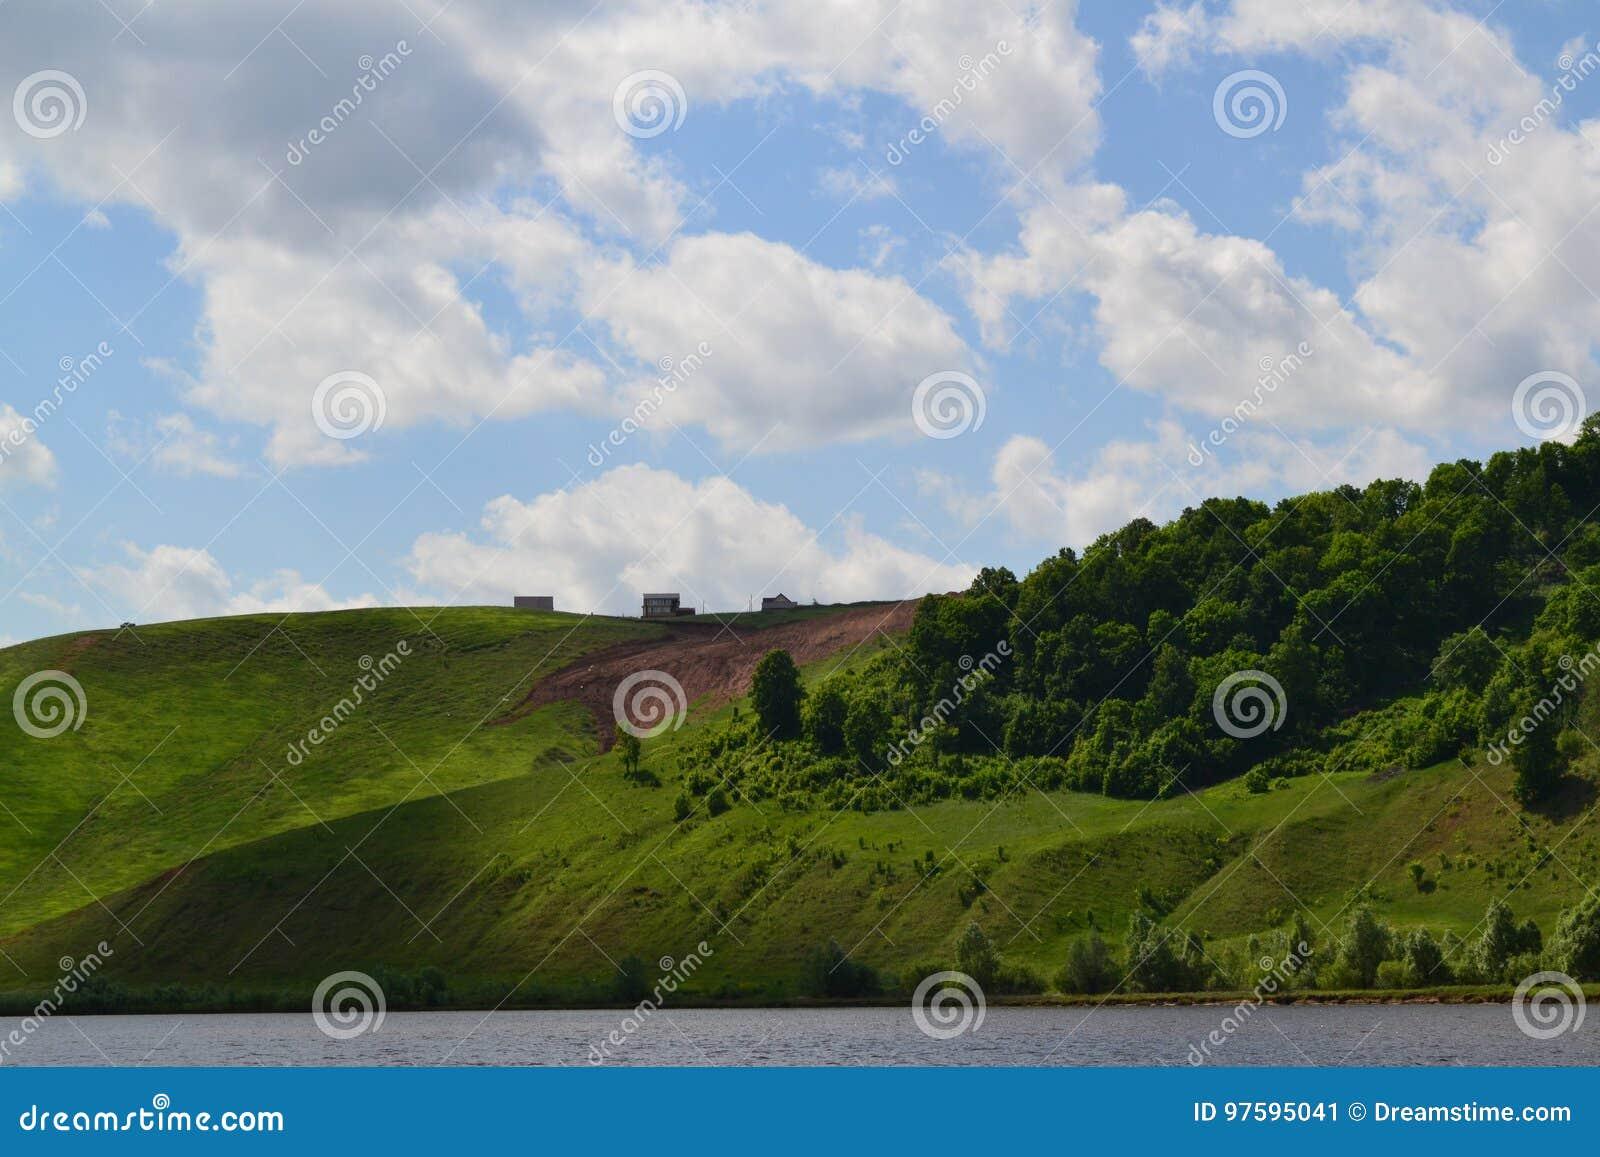 Steile Bank des Flusses